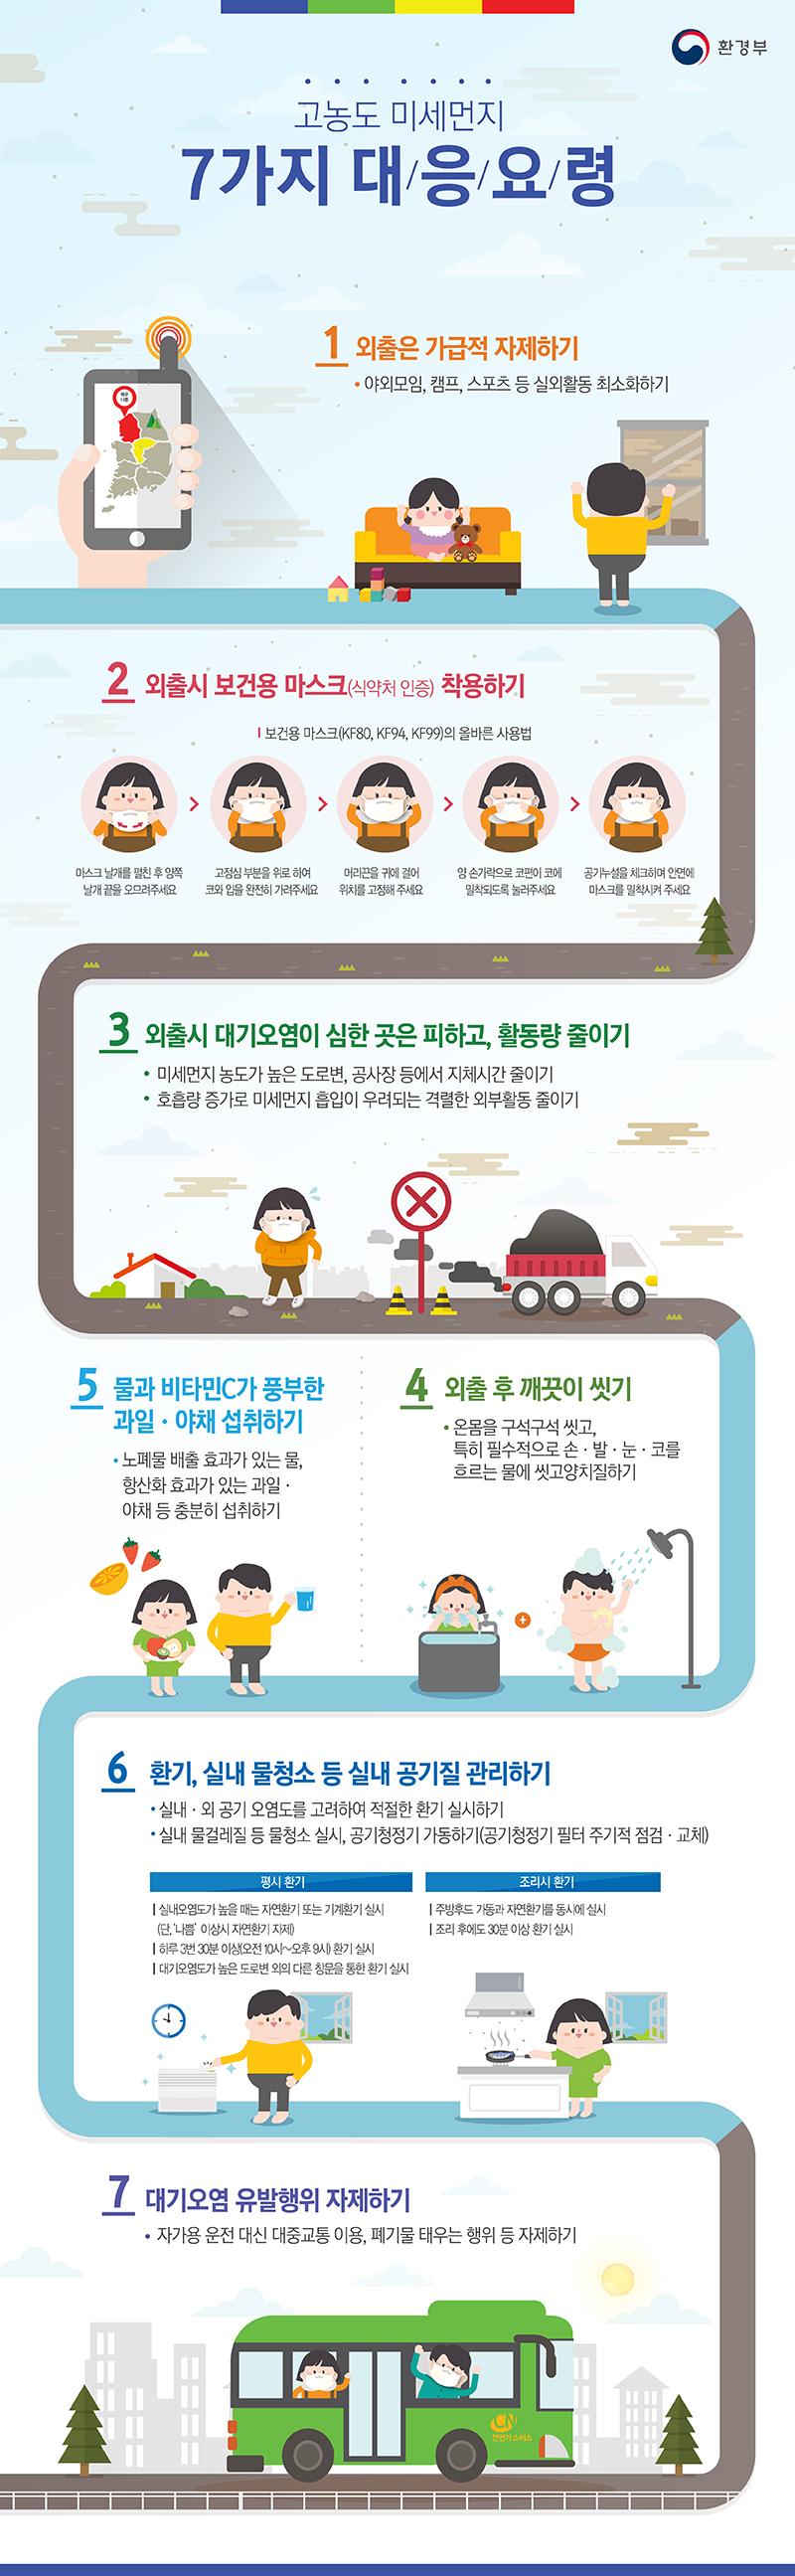 고농도 미세먼지 7가지 대응요령 이미지